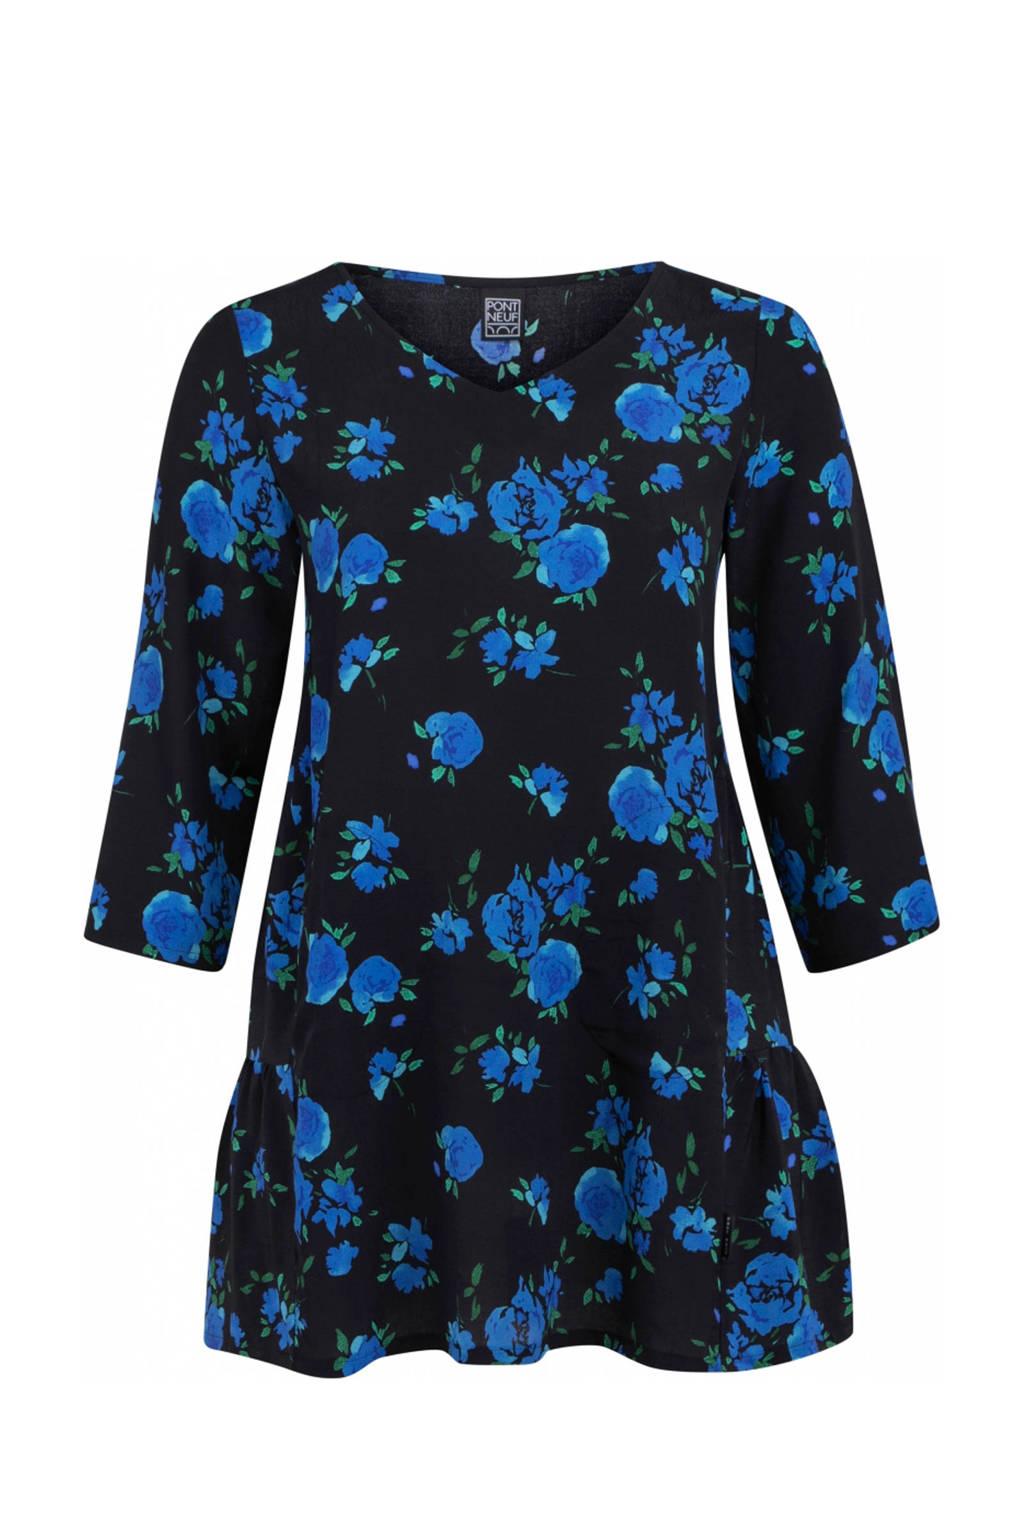 PONT NEUF gebloemde tuniek zwart/blauw, Zwart/blauw